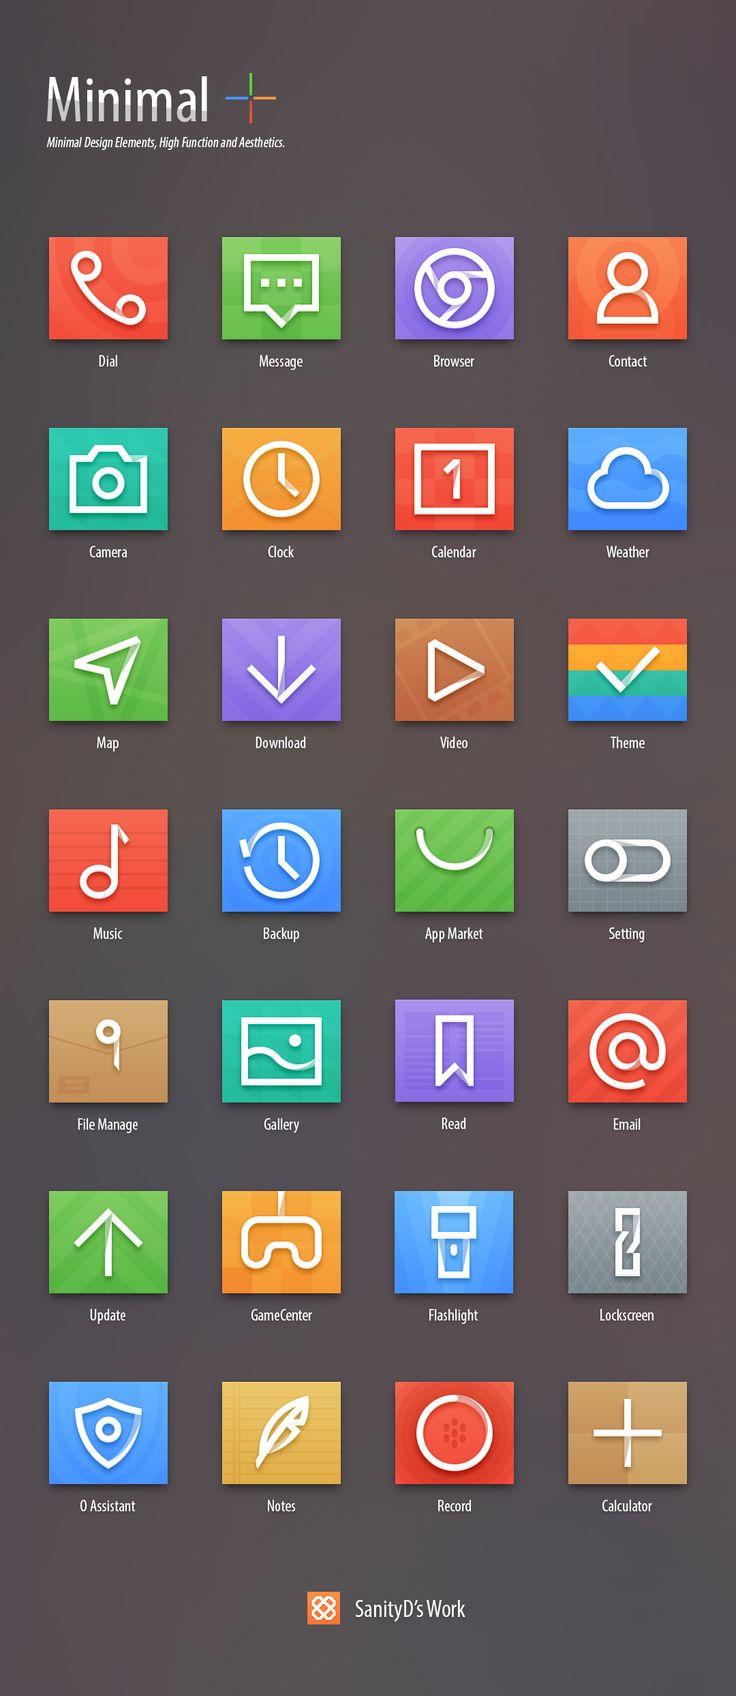 SanityD / Minimal__ #ui #icons